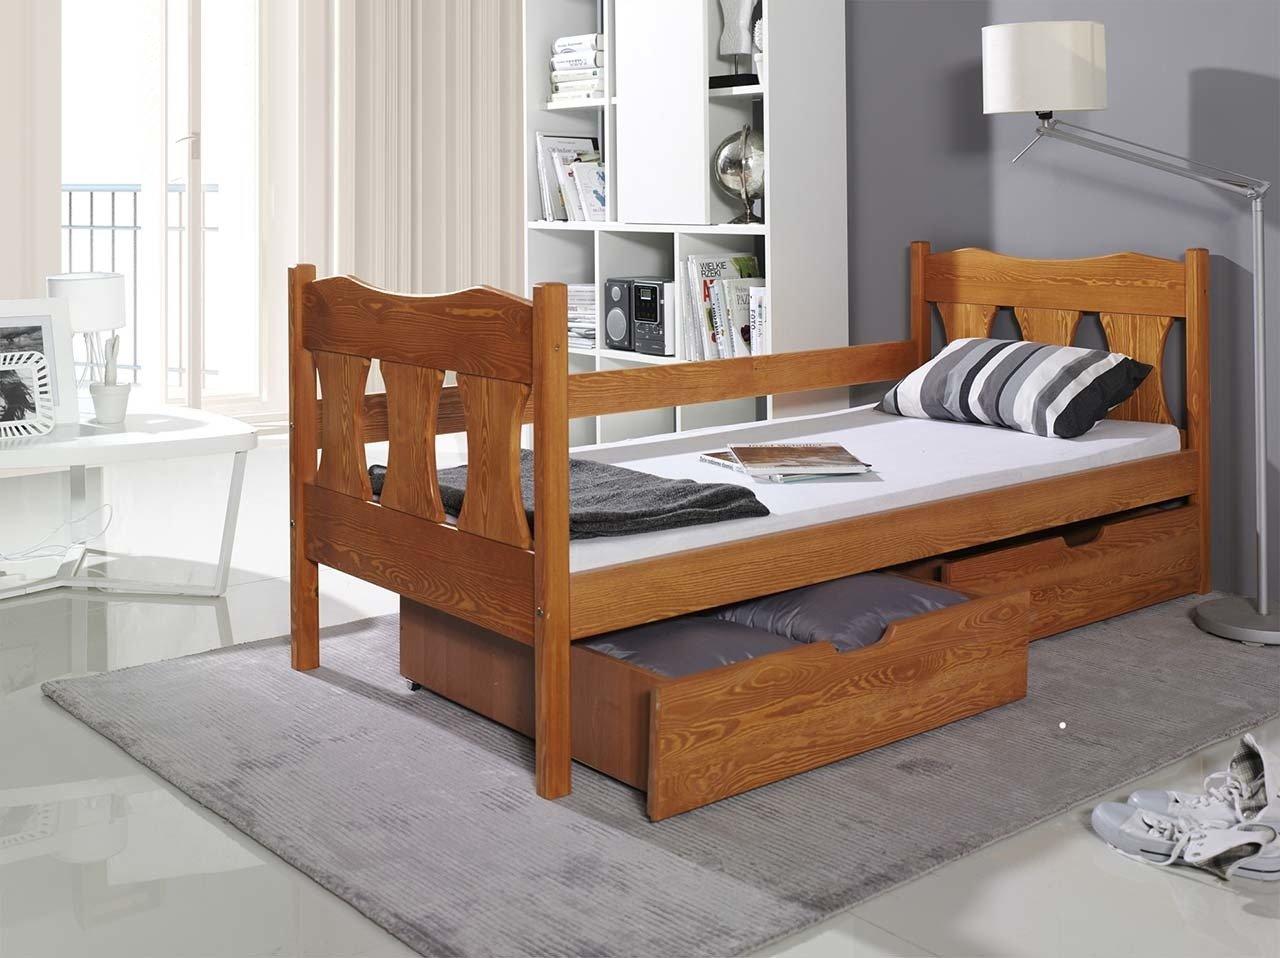 łóżko Verona 1 Osobowe Dla Dziecka Z Szufladami